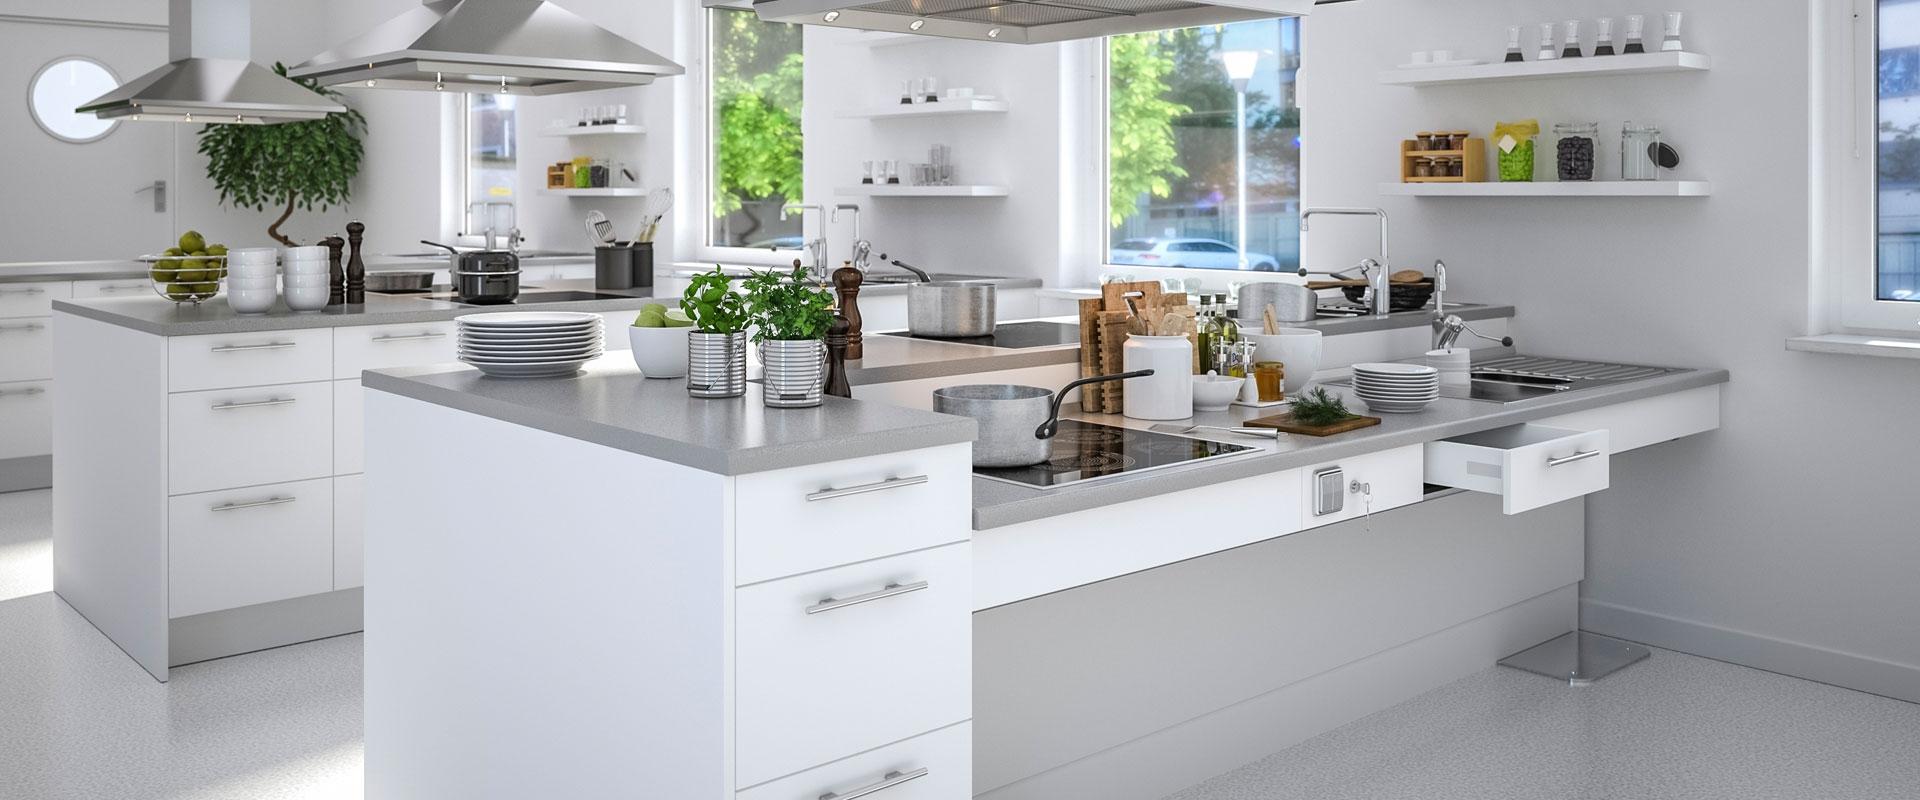 granberg deutschland gmbh barrierefreie k che. Black Bedroom Furniture Sets. Home Design Ideas